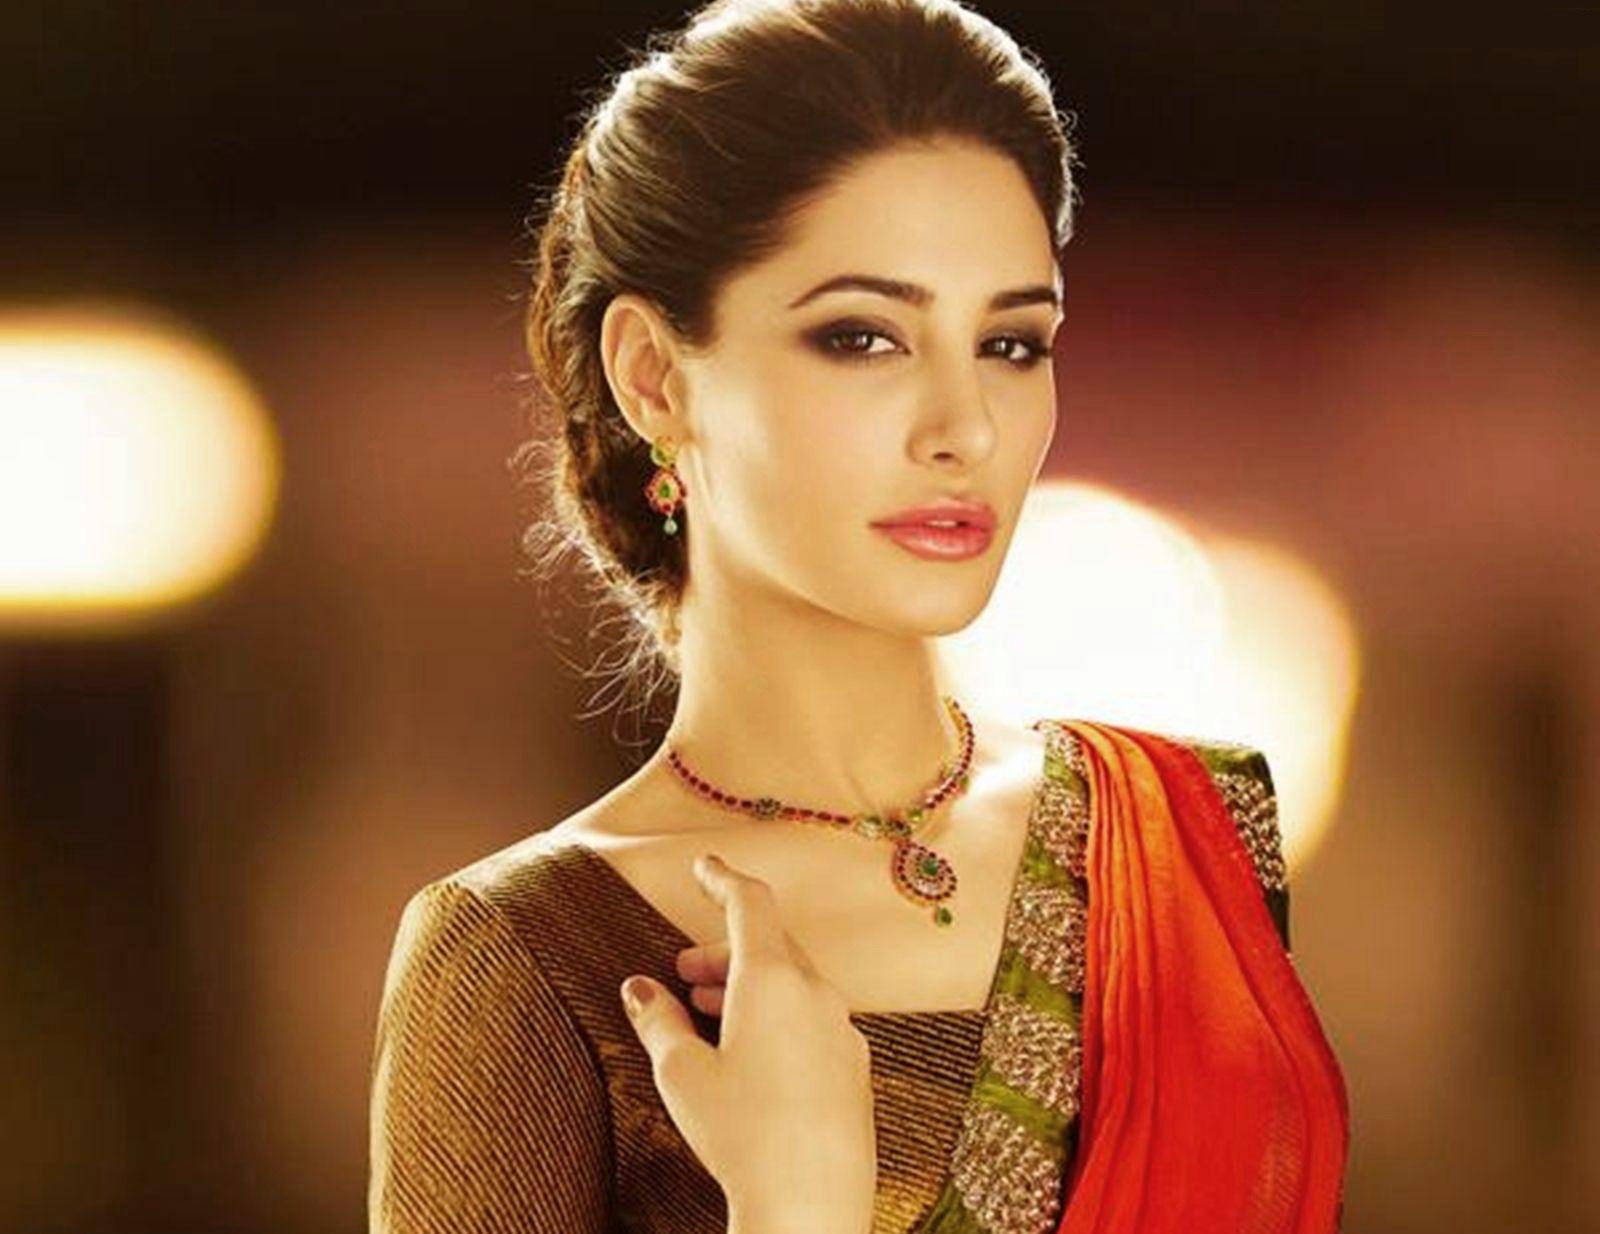 Celebrities Hd Wallpaper Download Nargis Fakhri Hd: Actress Nargis Fakhri 24 Hot Photos Download